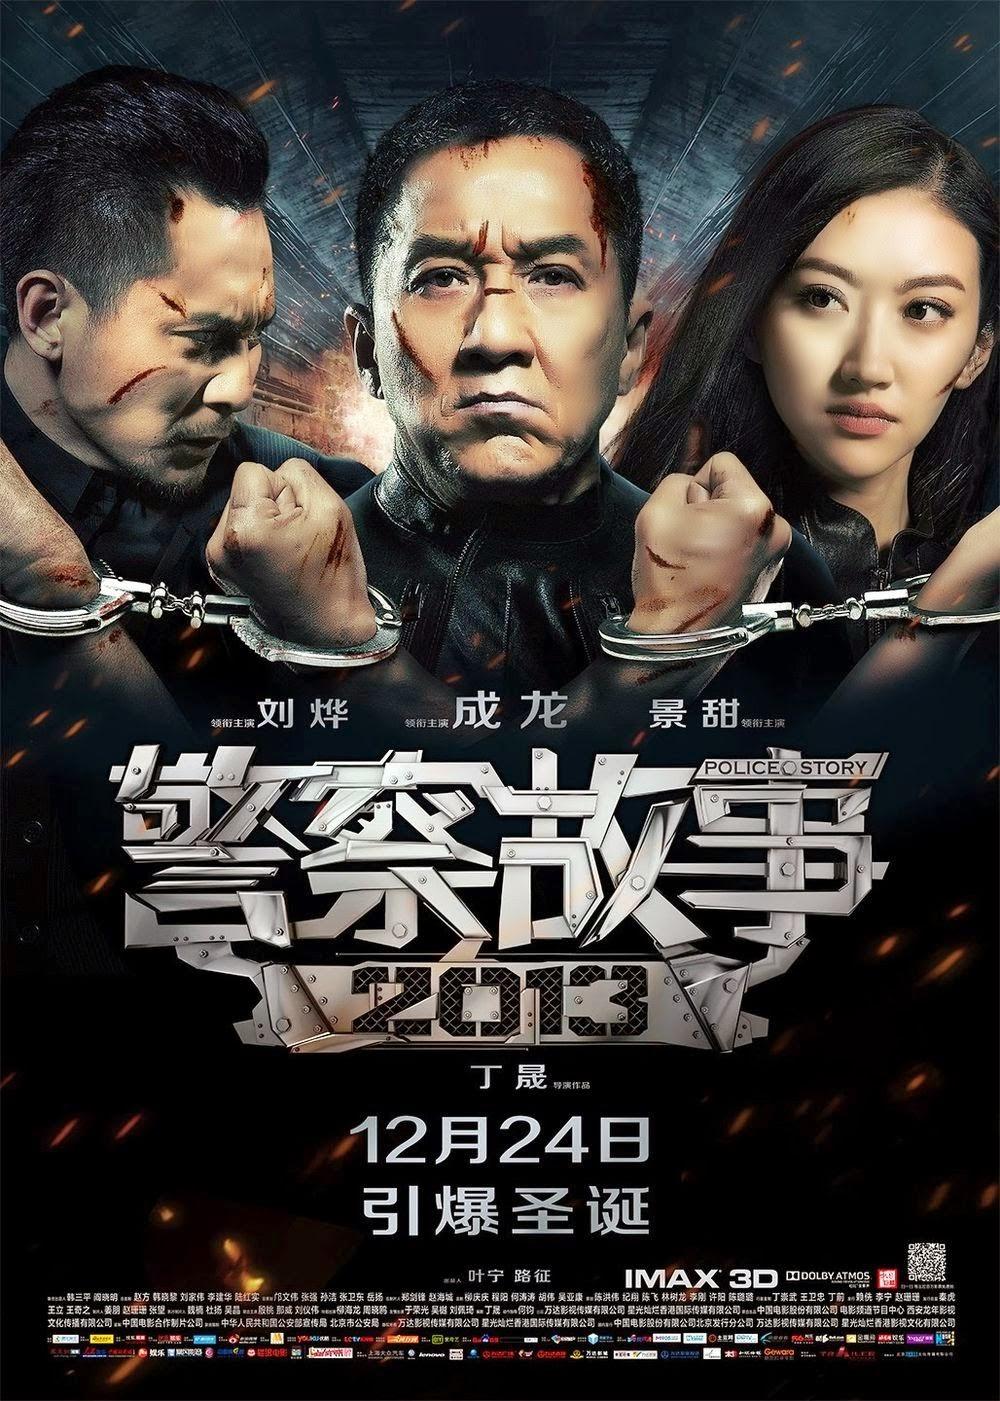 POLICE STORY วิ่ง สู้ ฟัด (2013)